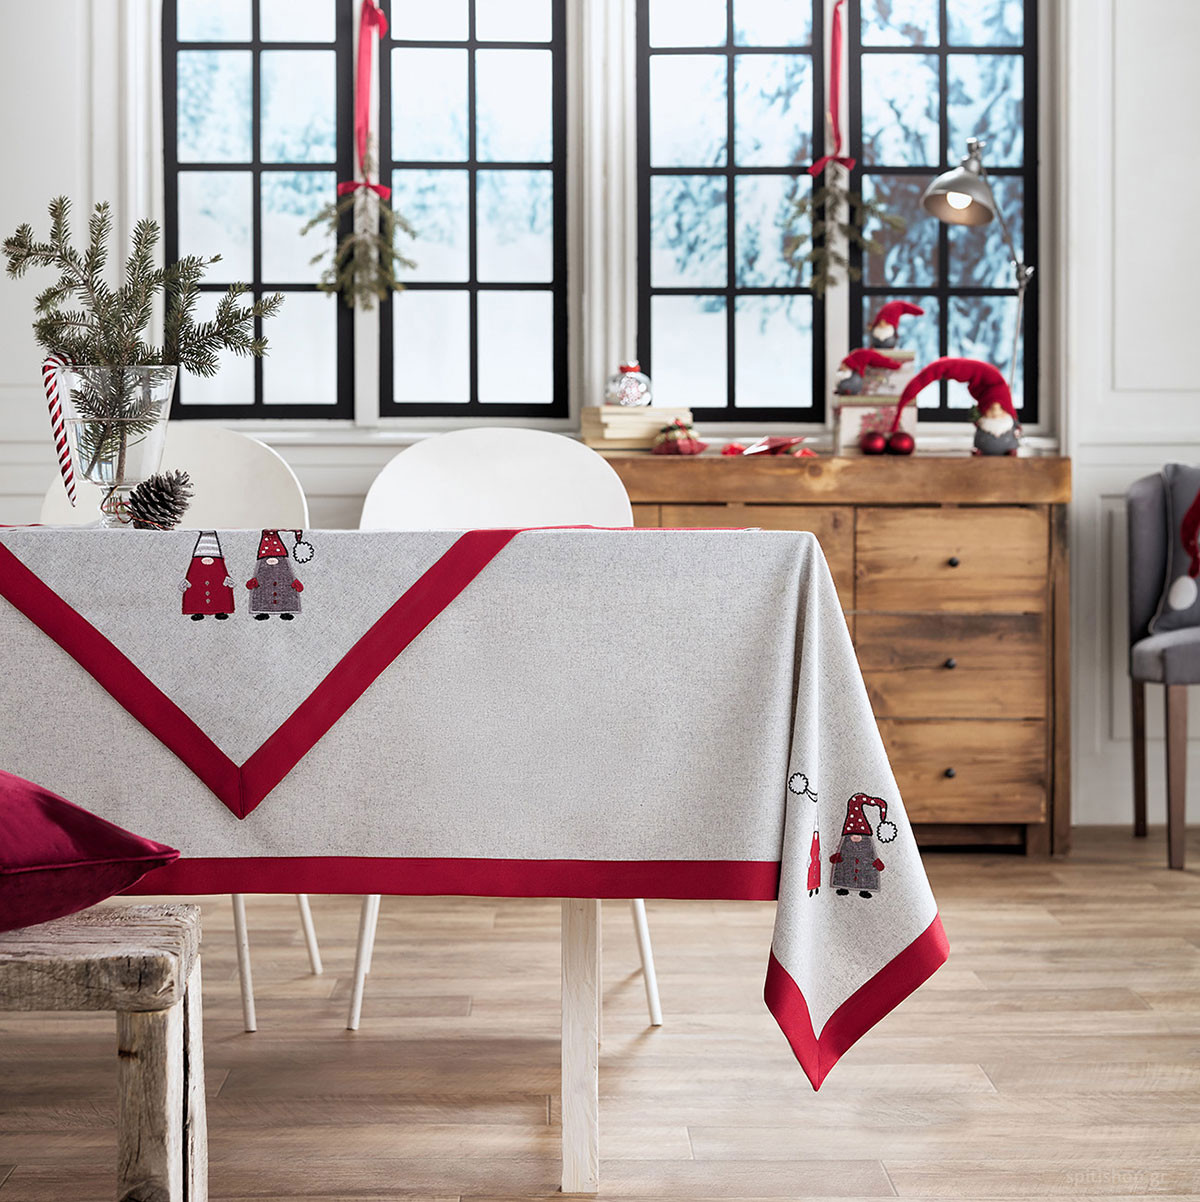 Χριστουγεννιάτικο Τραπεζομάντηλο (135×220) Gofis Home 833